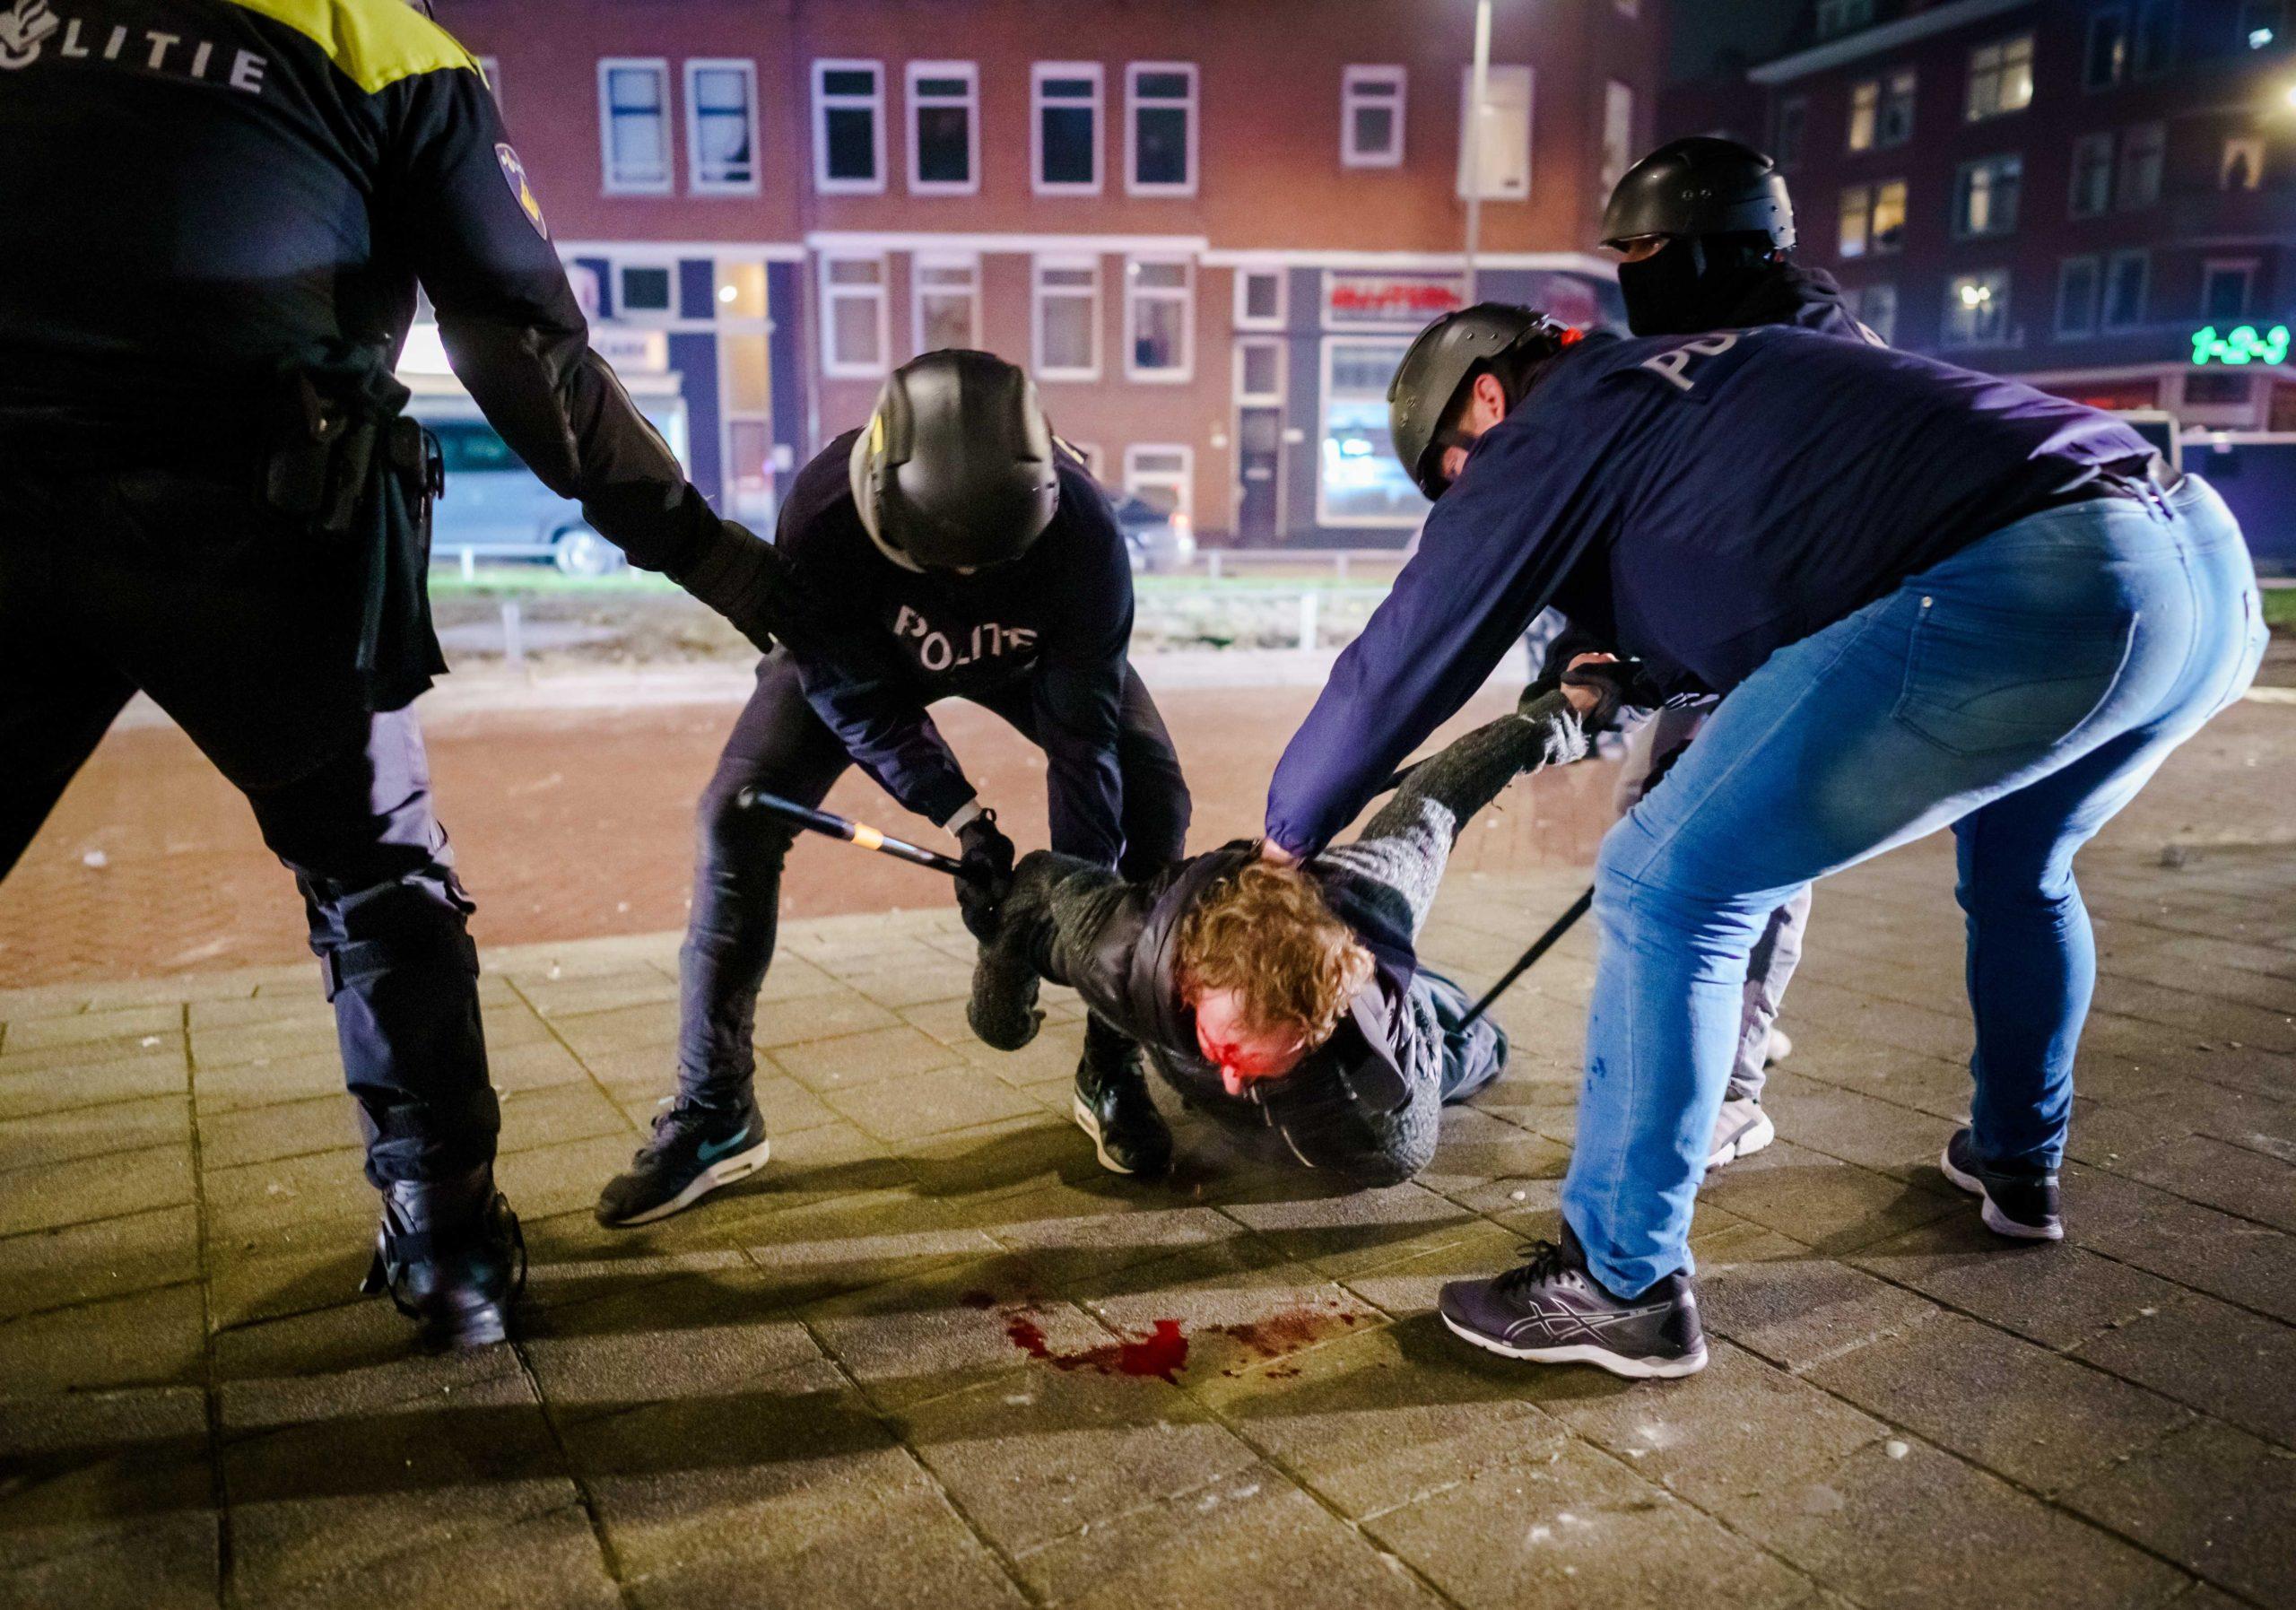 Нидерландцы сражаются с полицией, чтобы отменить комендантский час. Только фото